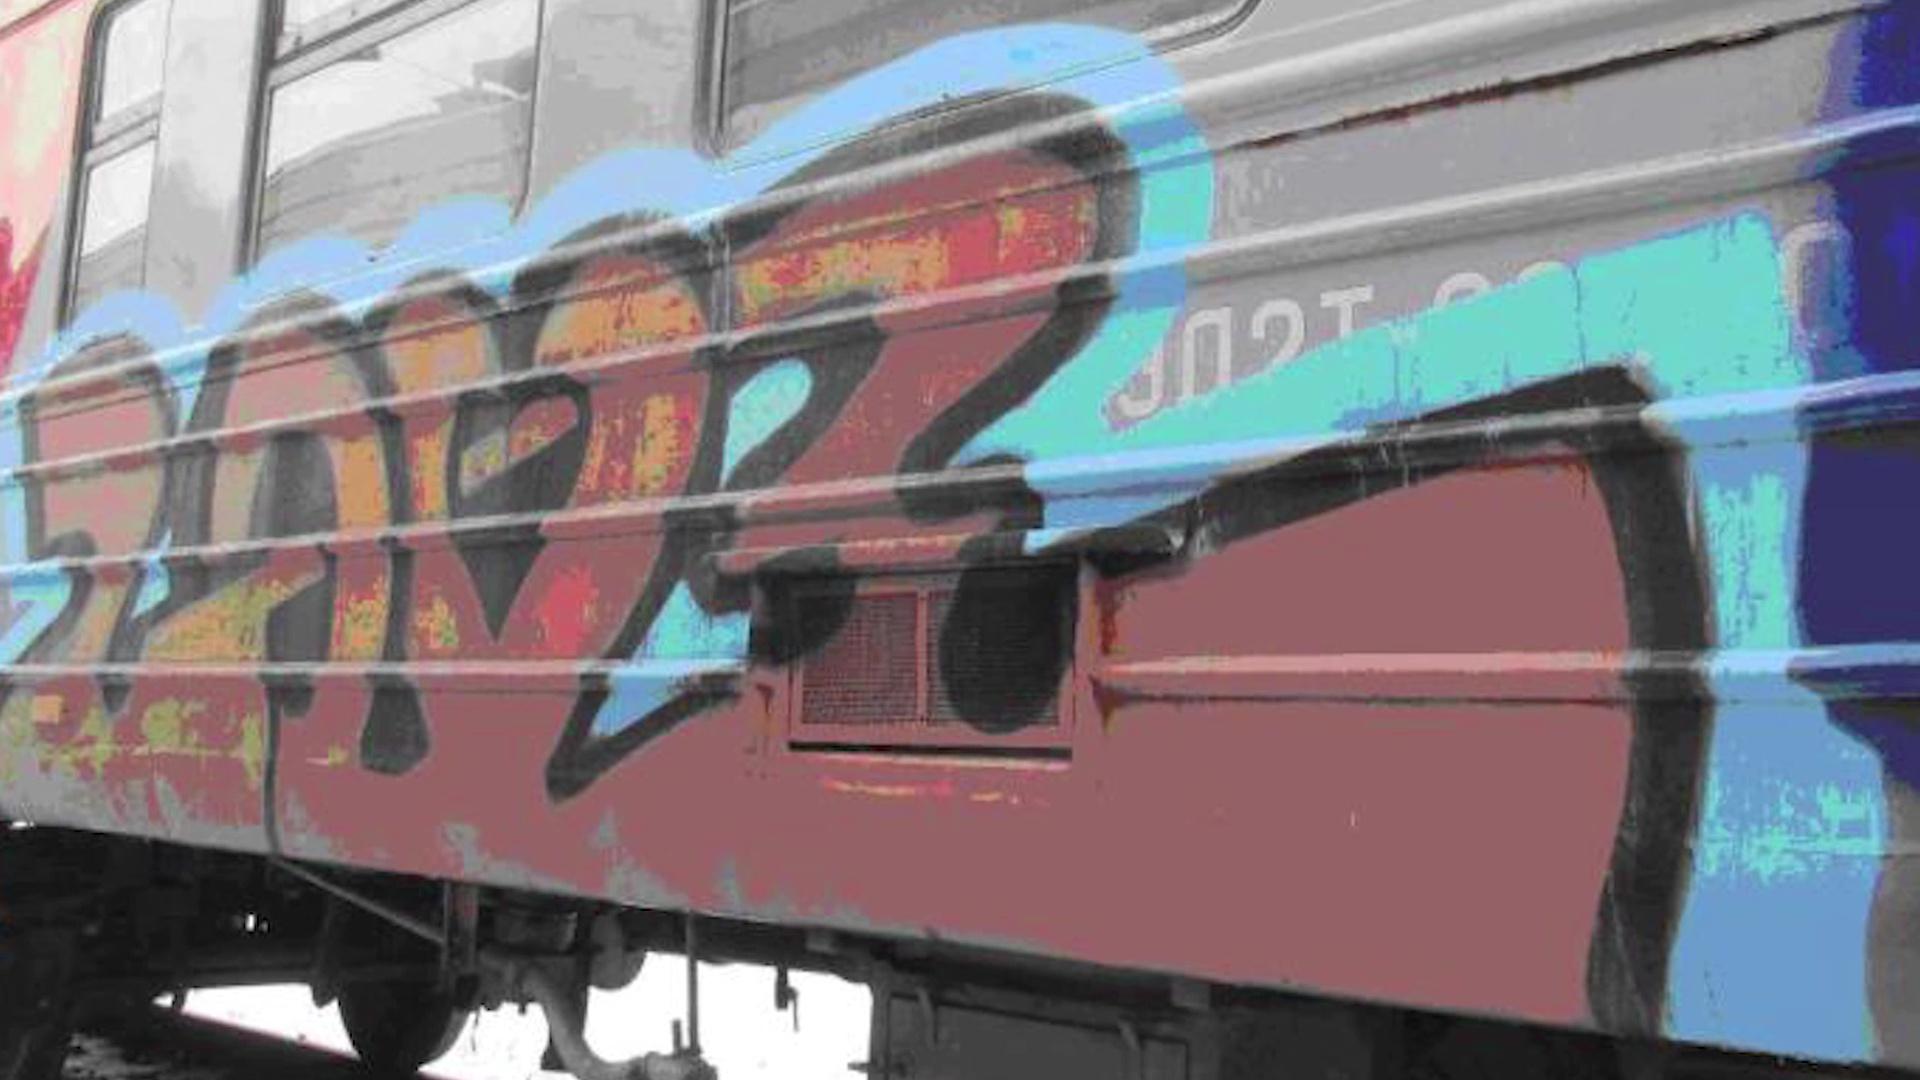 Полиция поймала пару вандалов, разрисовывавших вагоны поездов